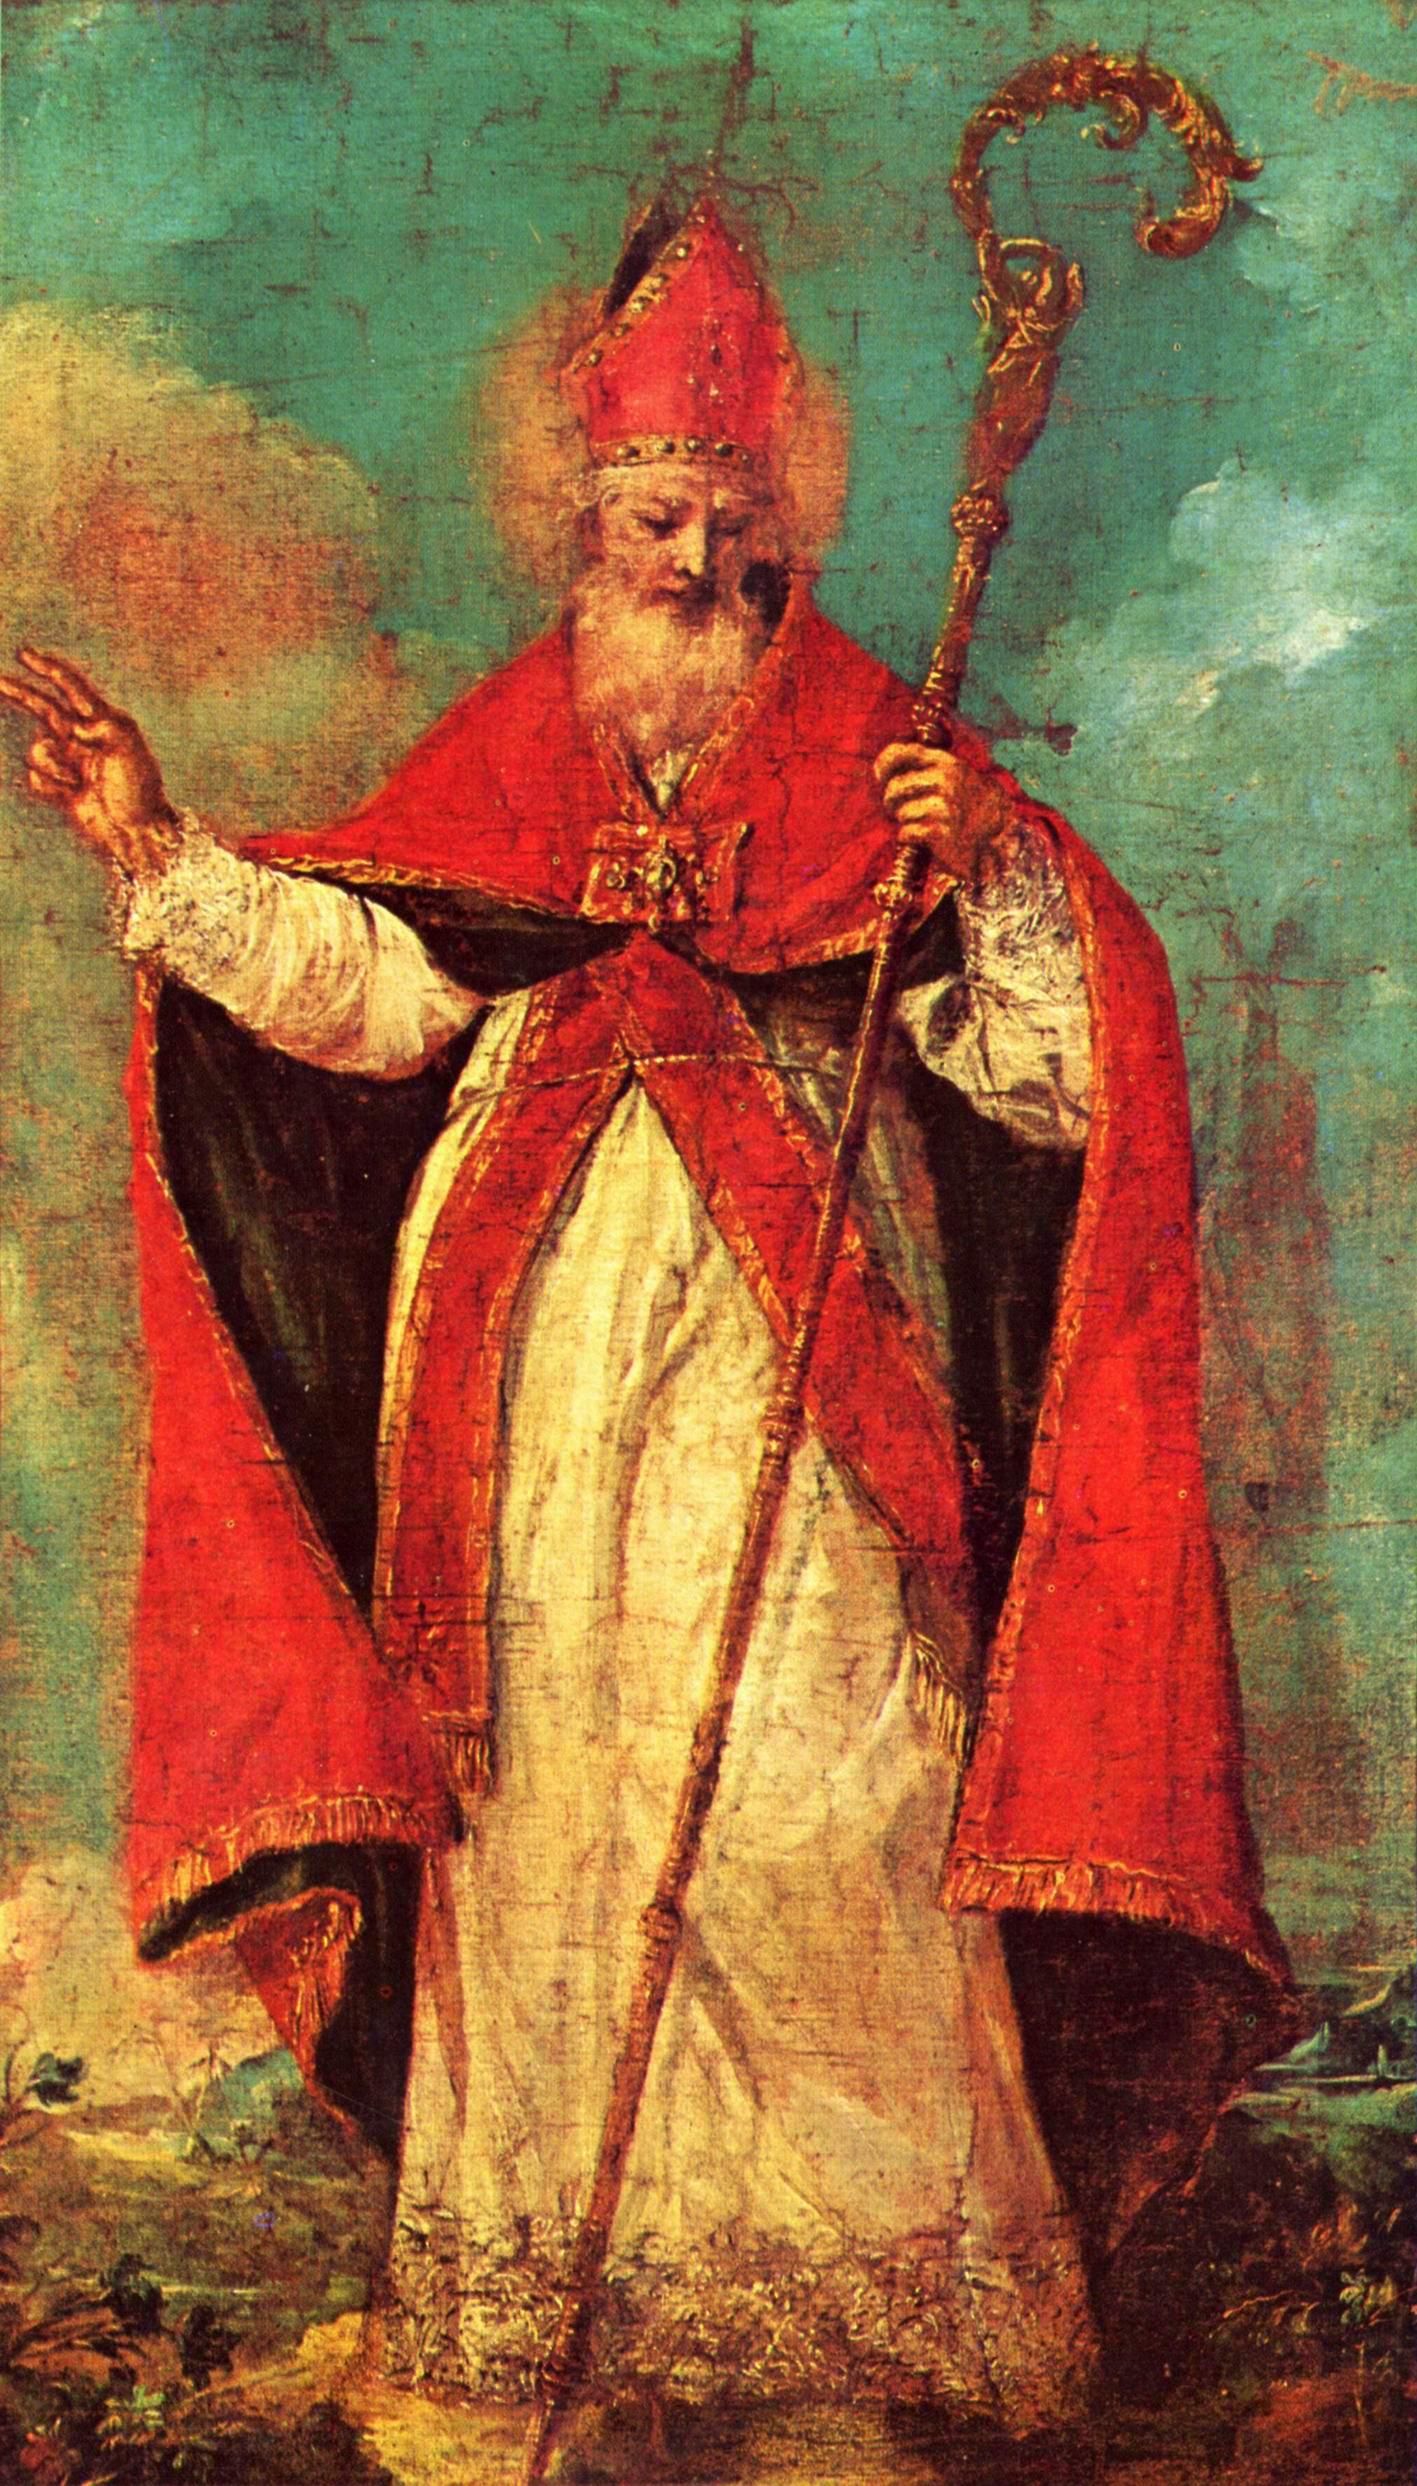 Св. Николай, Франческо Гварди